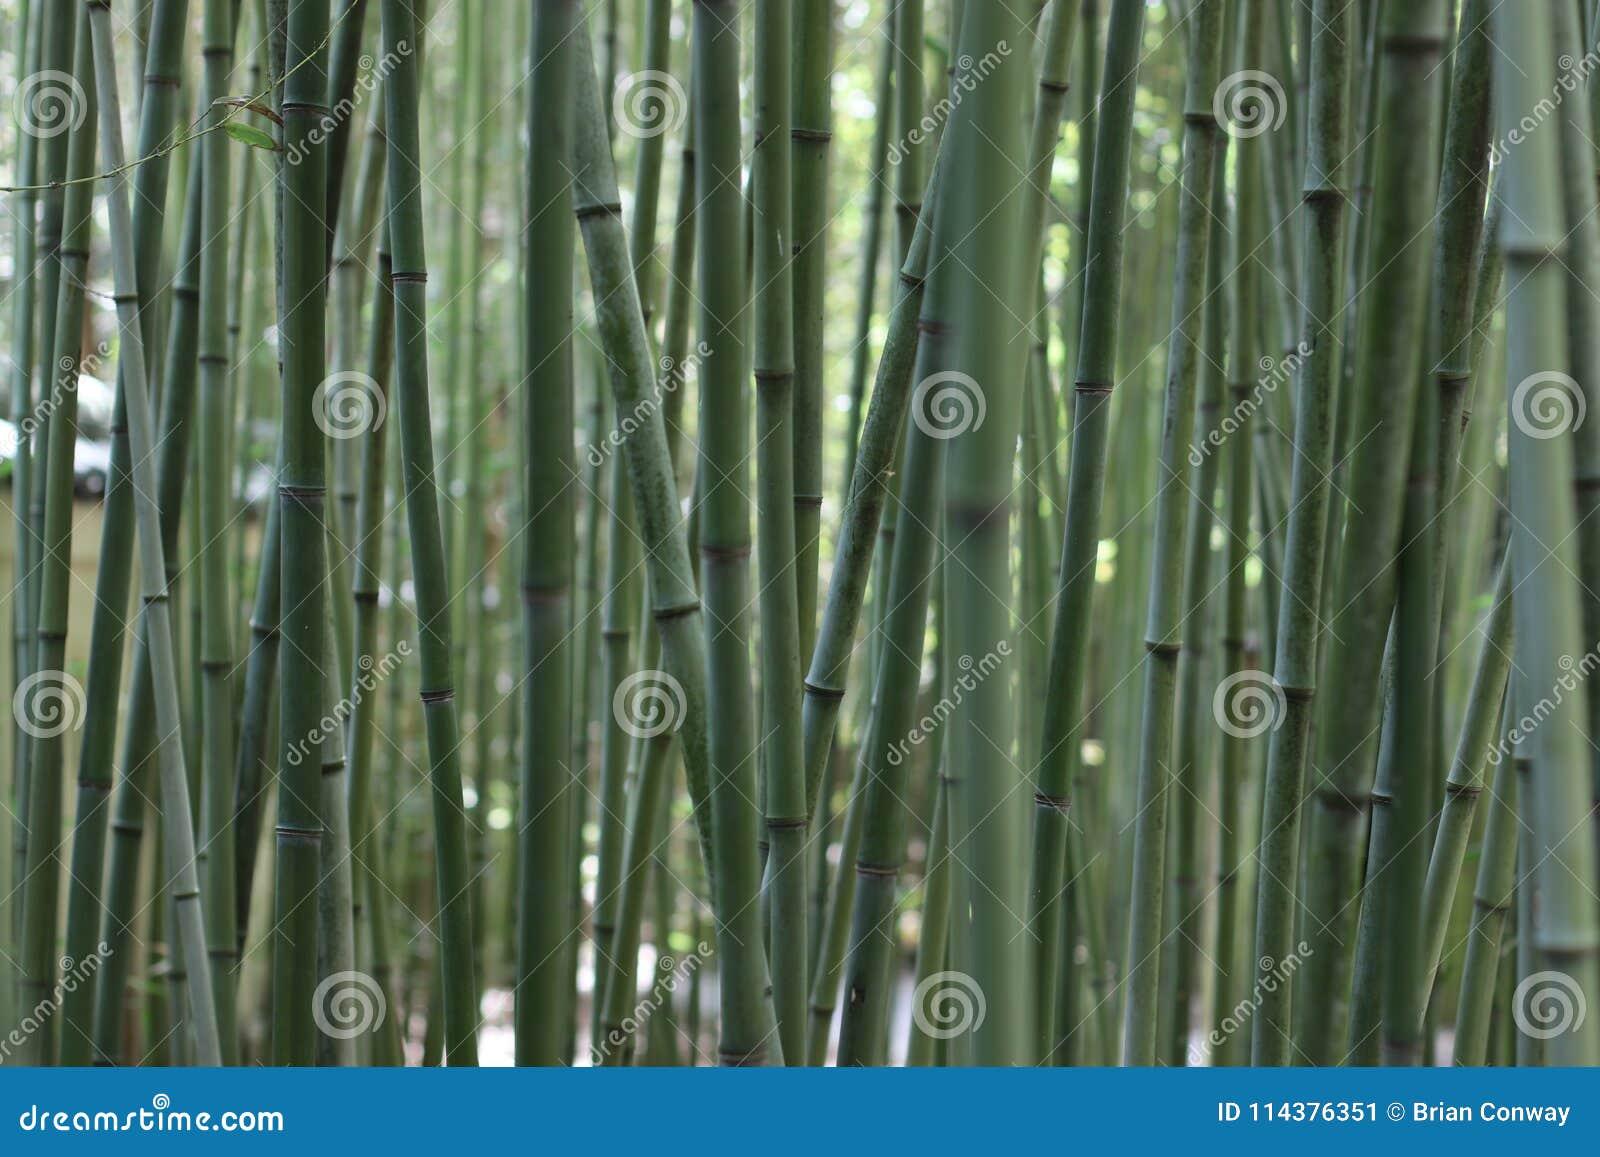 平静的竹子在日本庭院里